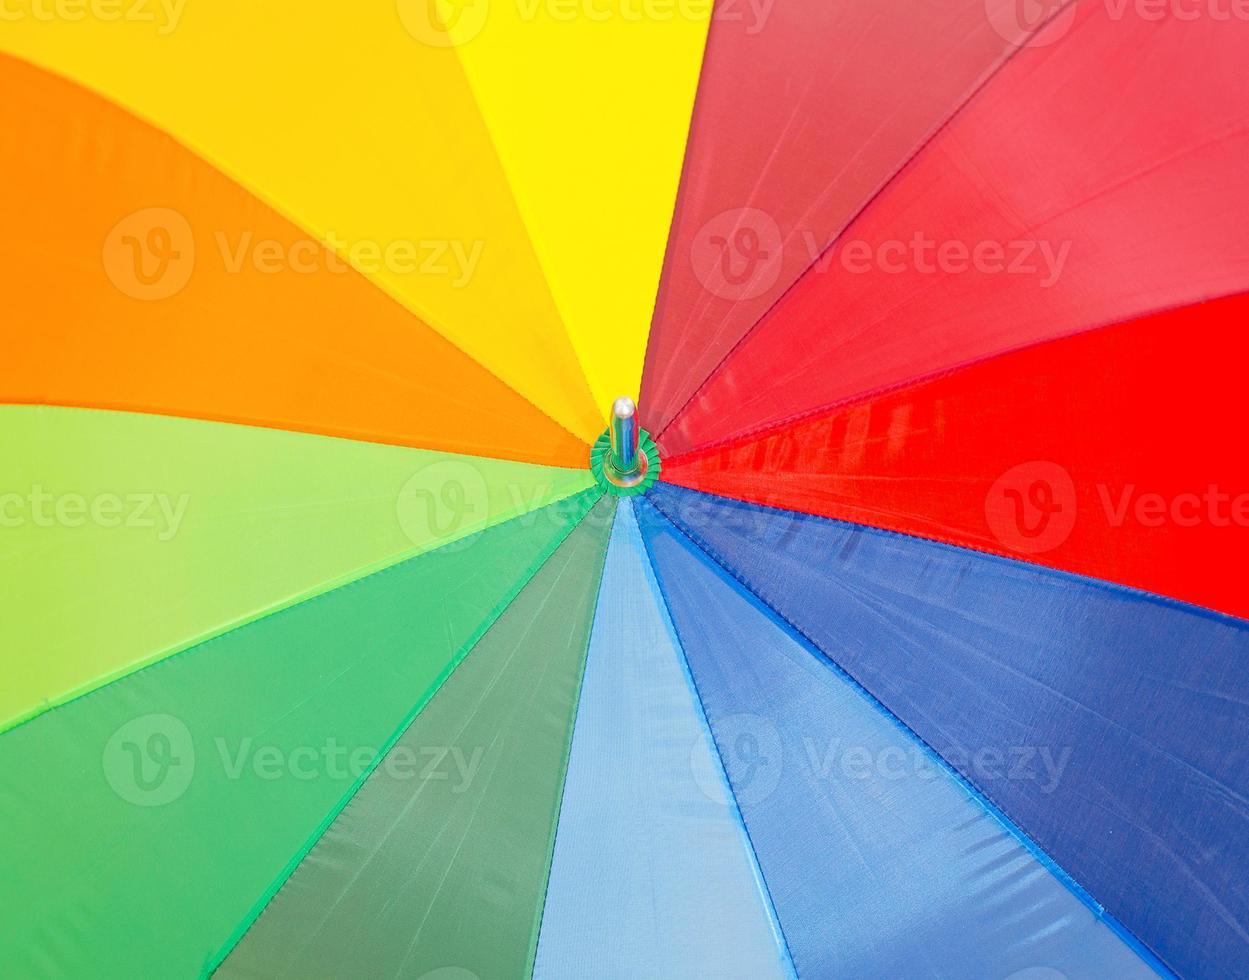 närbild av färgglada paraply. foto